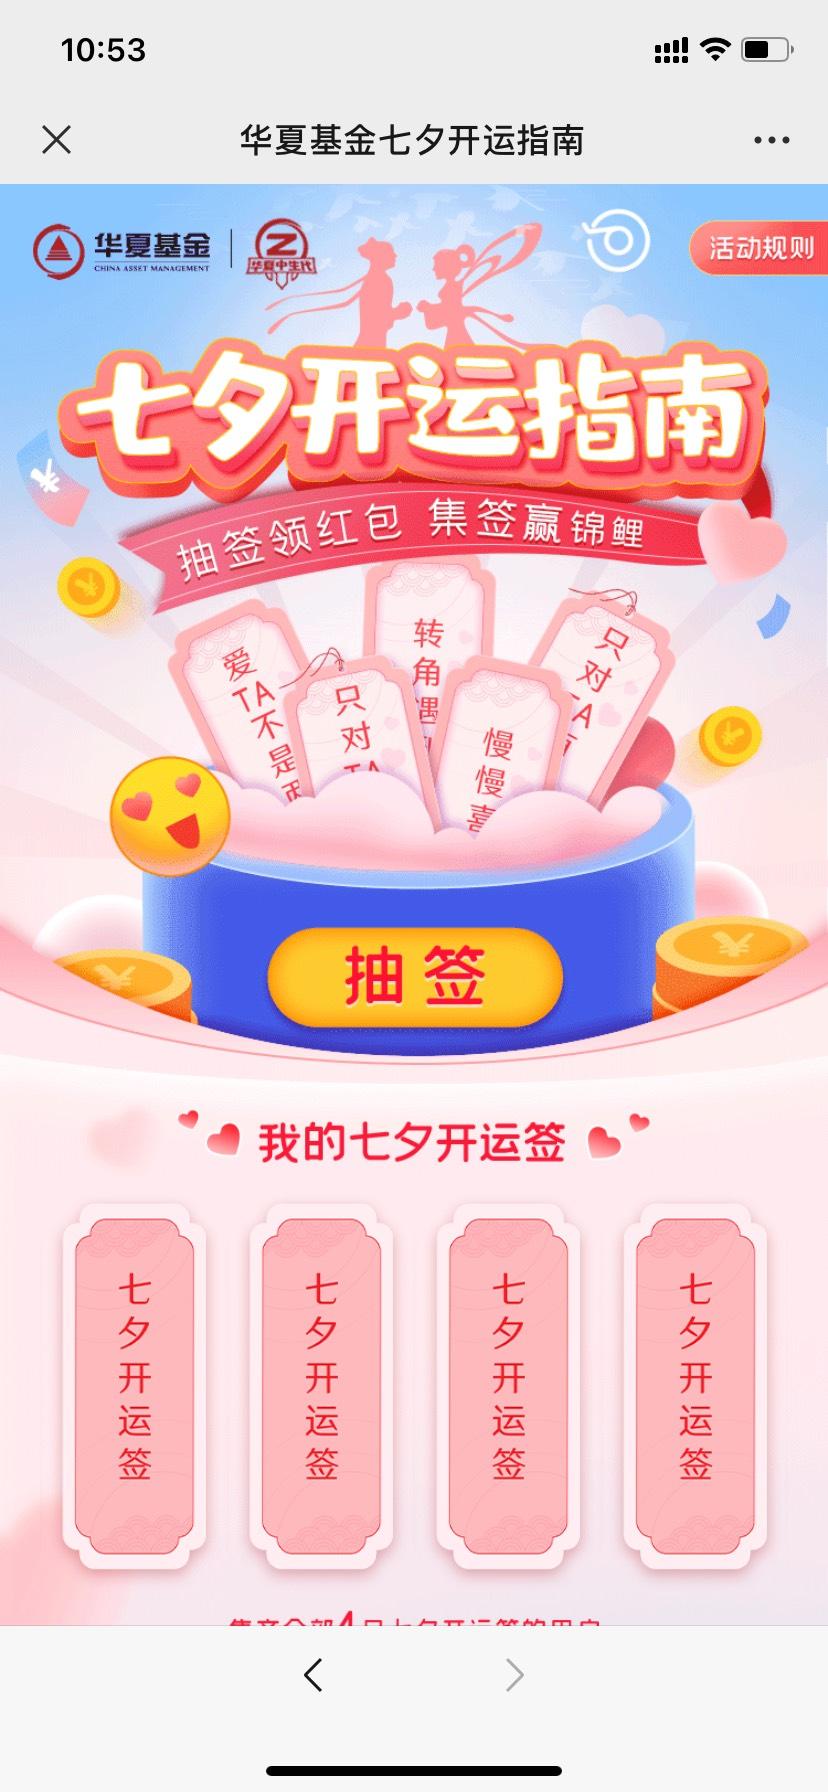 【现金红包】华夏基金抽取微信红包插图1